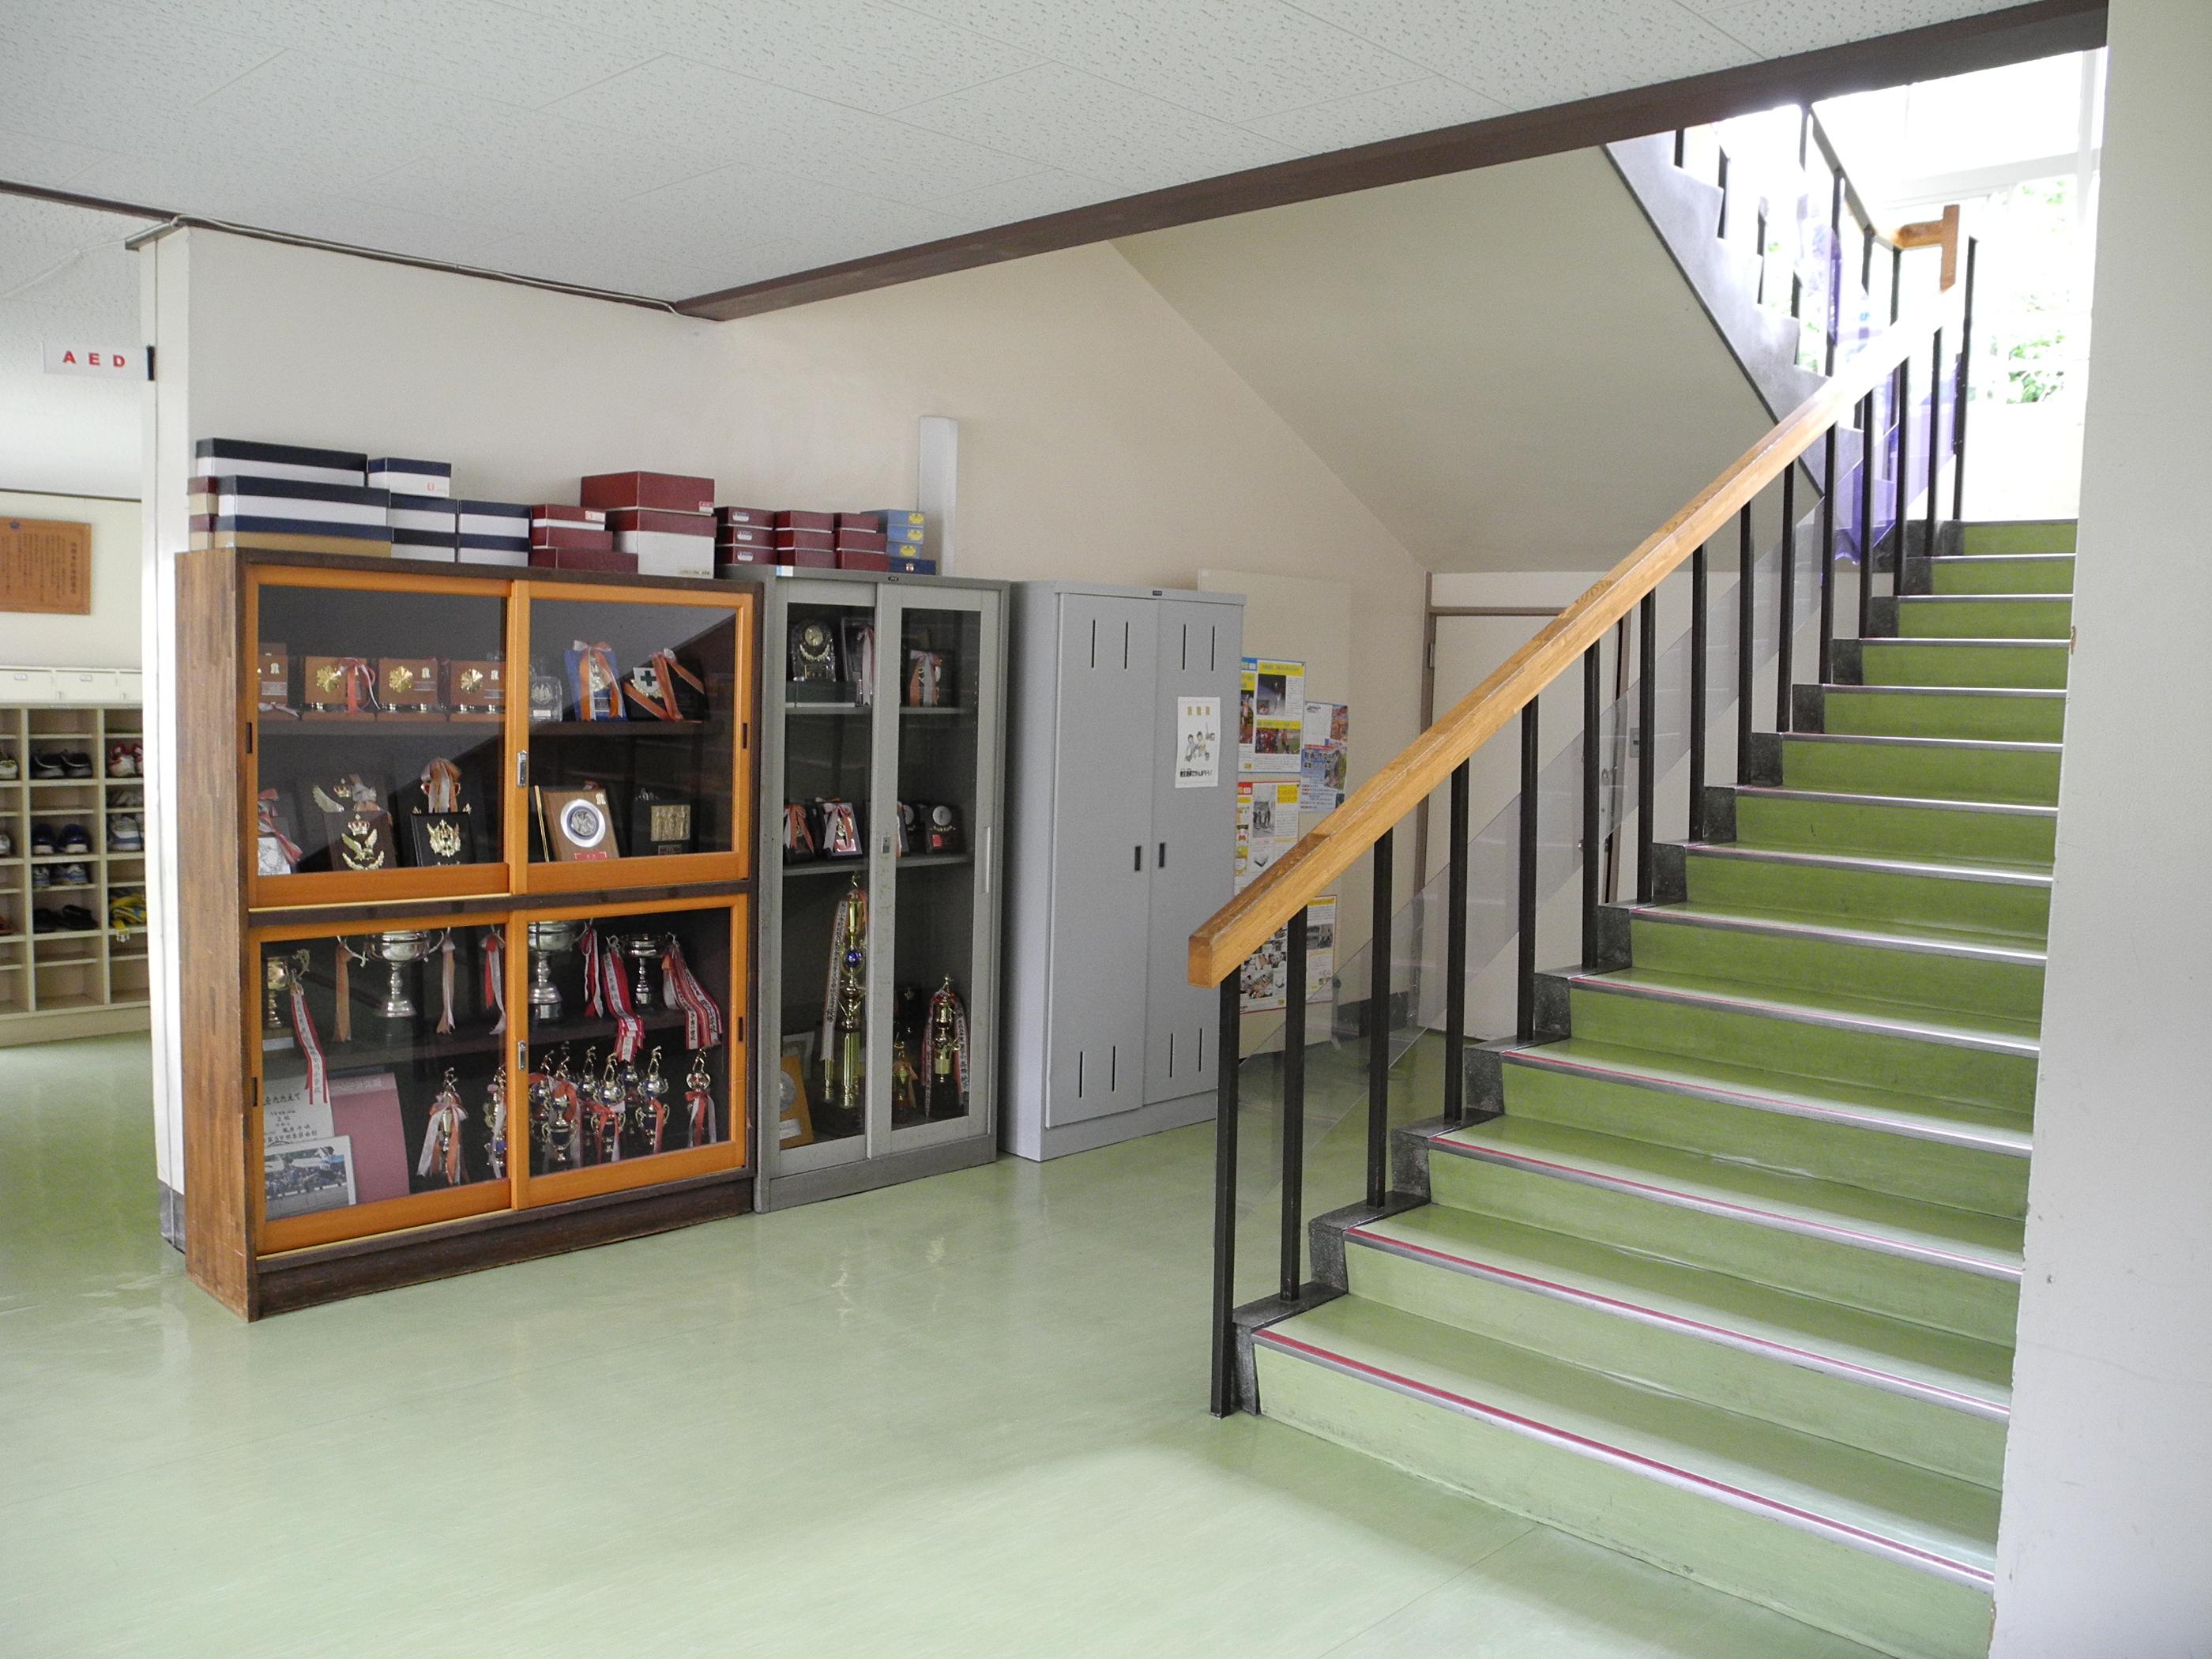 File Jinego Elementary School Stairwell Jpg Wikimedia